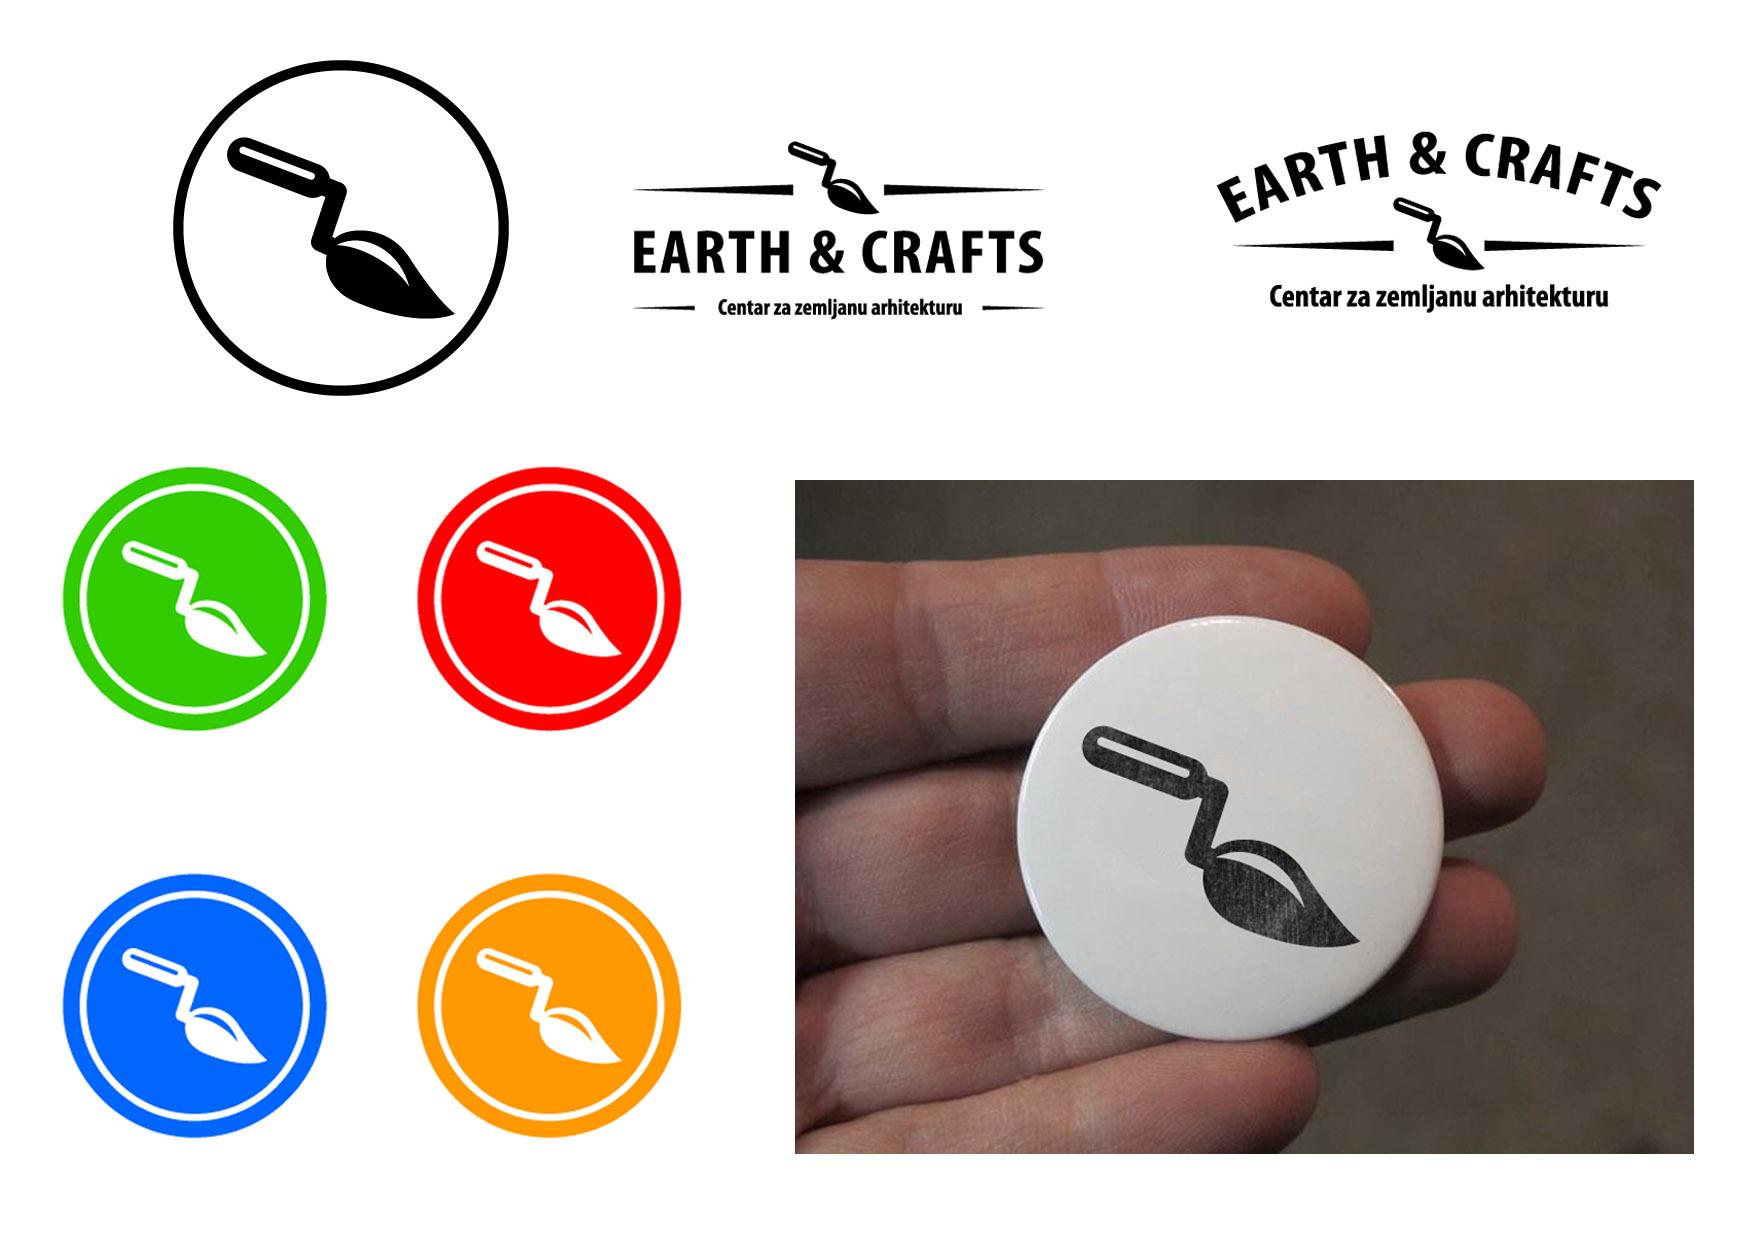 13 predlog logo EARTH&CRAFTS vlado trtic vladotrtic@gmail.com